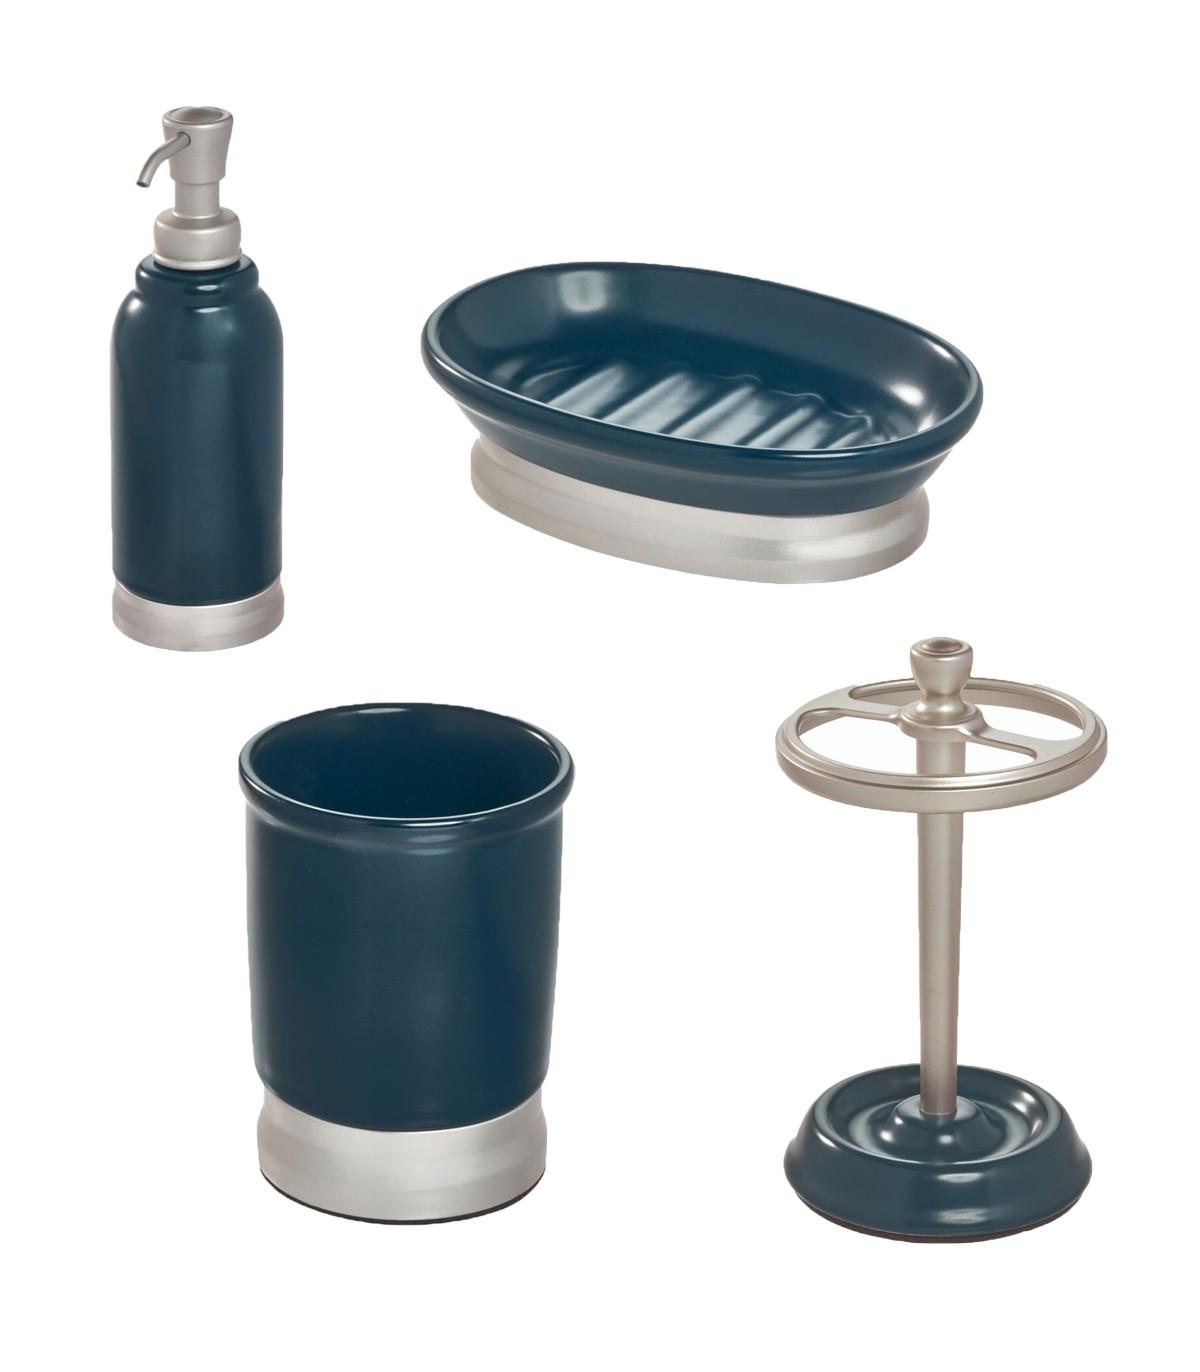 Ensemble d'accessoires de lavabo pour salle de bain - Bleu